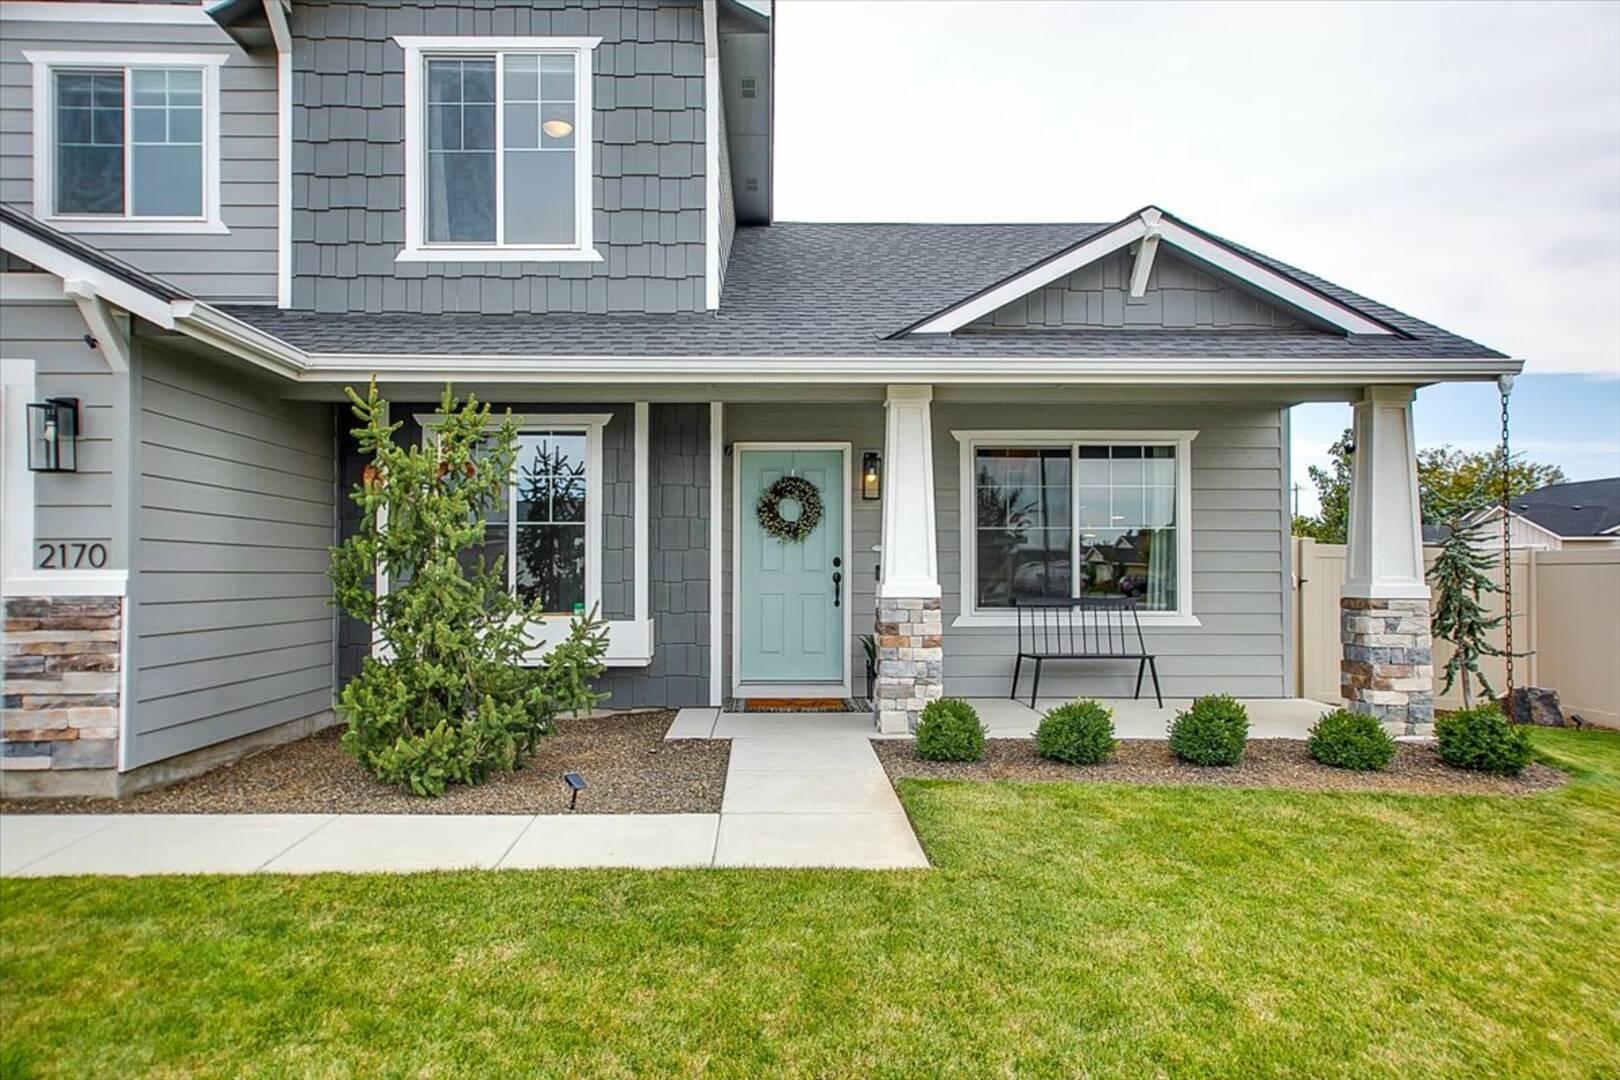 2170 N Mountain Ash Ave Kuna, ID 83634